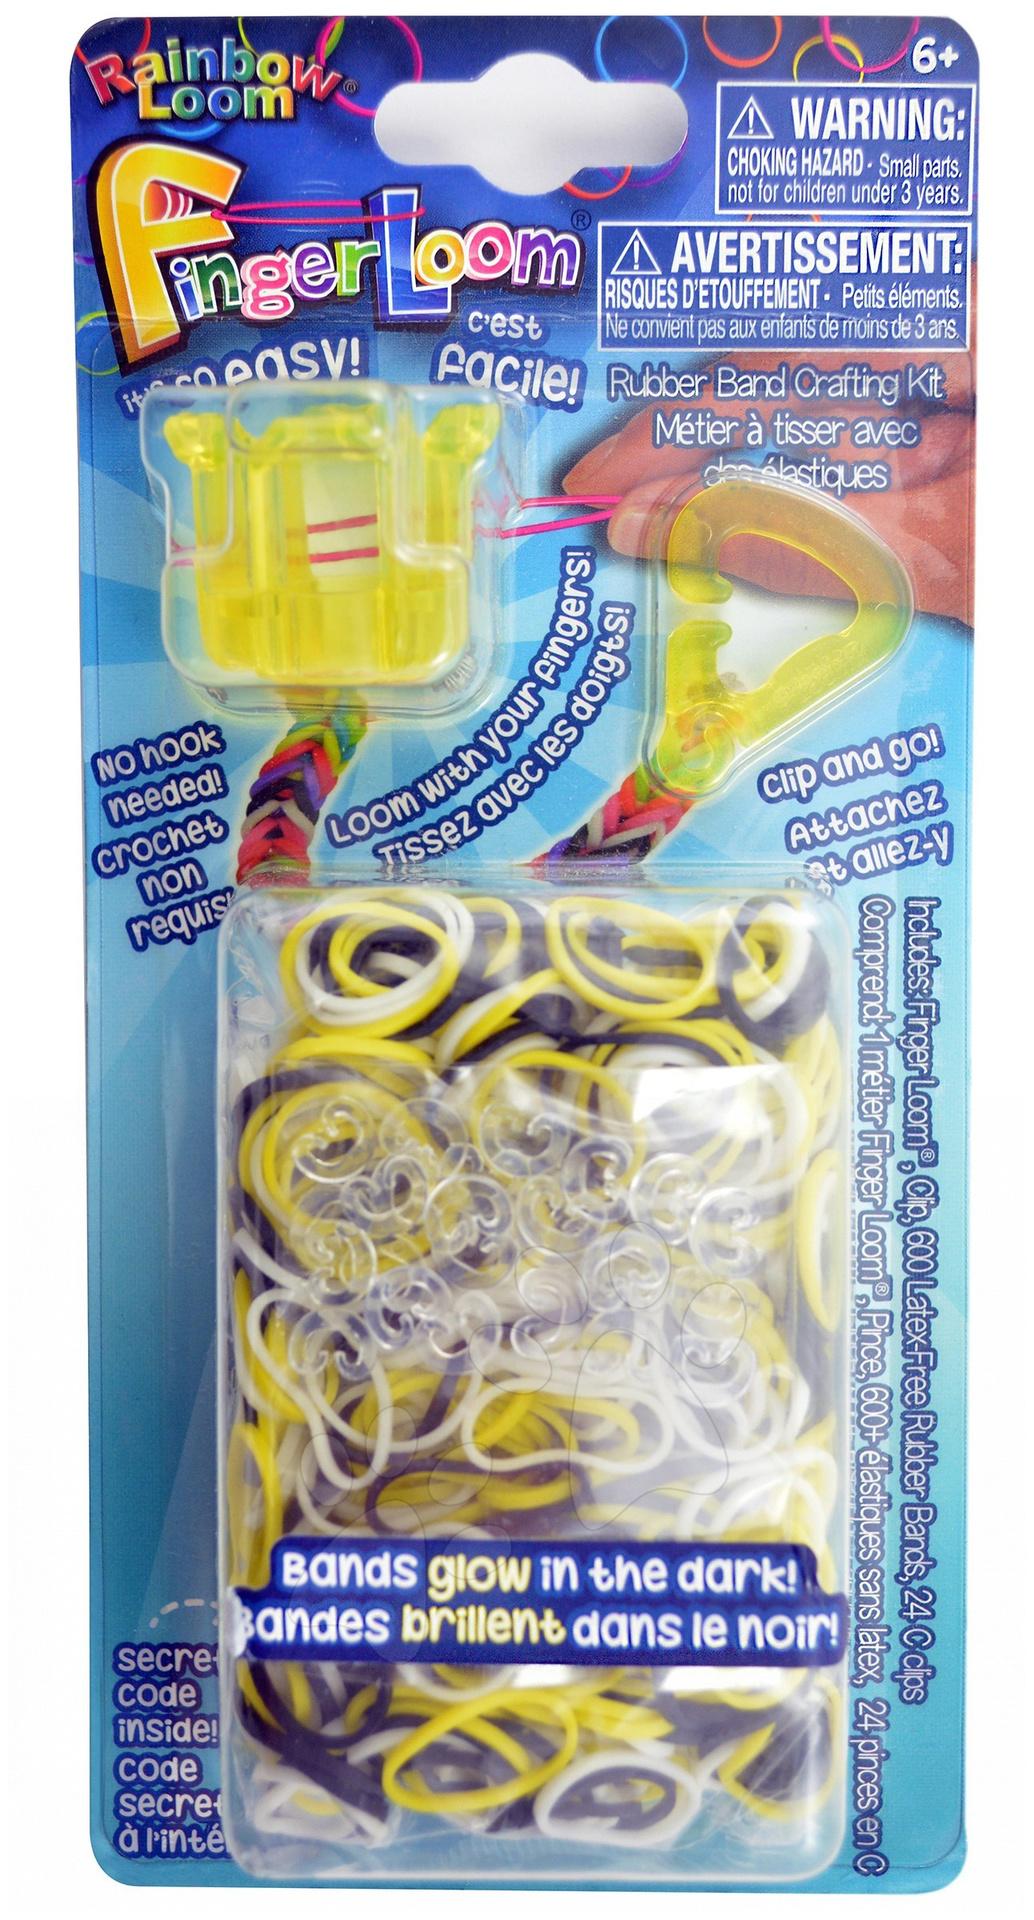 Rainbow Finger Loom - Finger Loom Rainbow Loom 600 kusov žltý